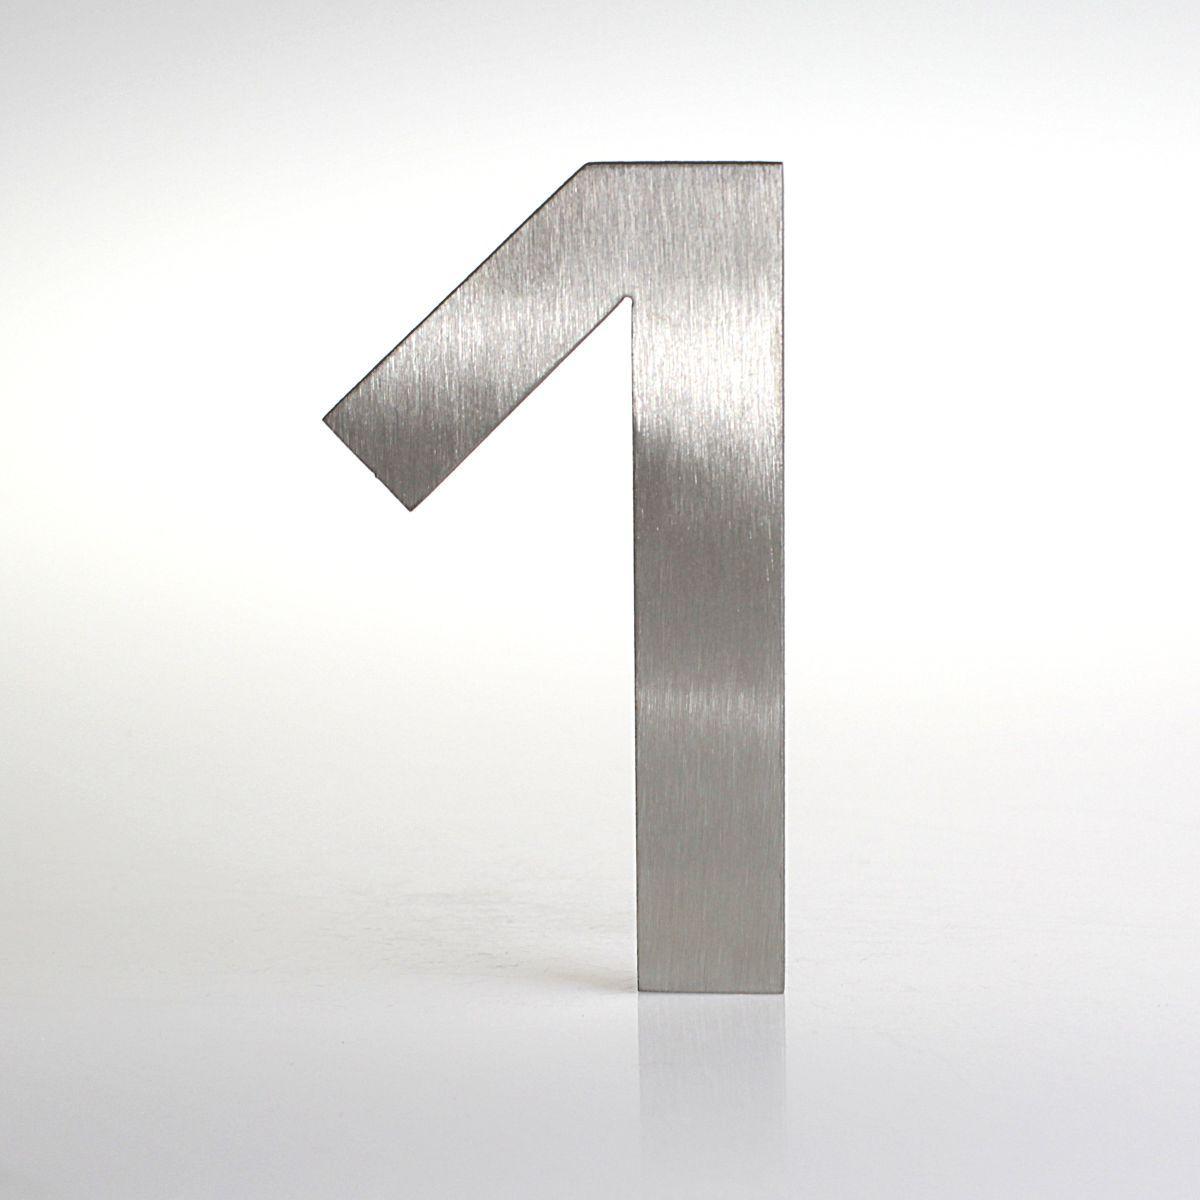 Domovní číslo popisné Nerez EUROMODE - č. 1